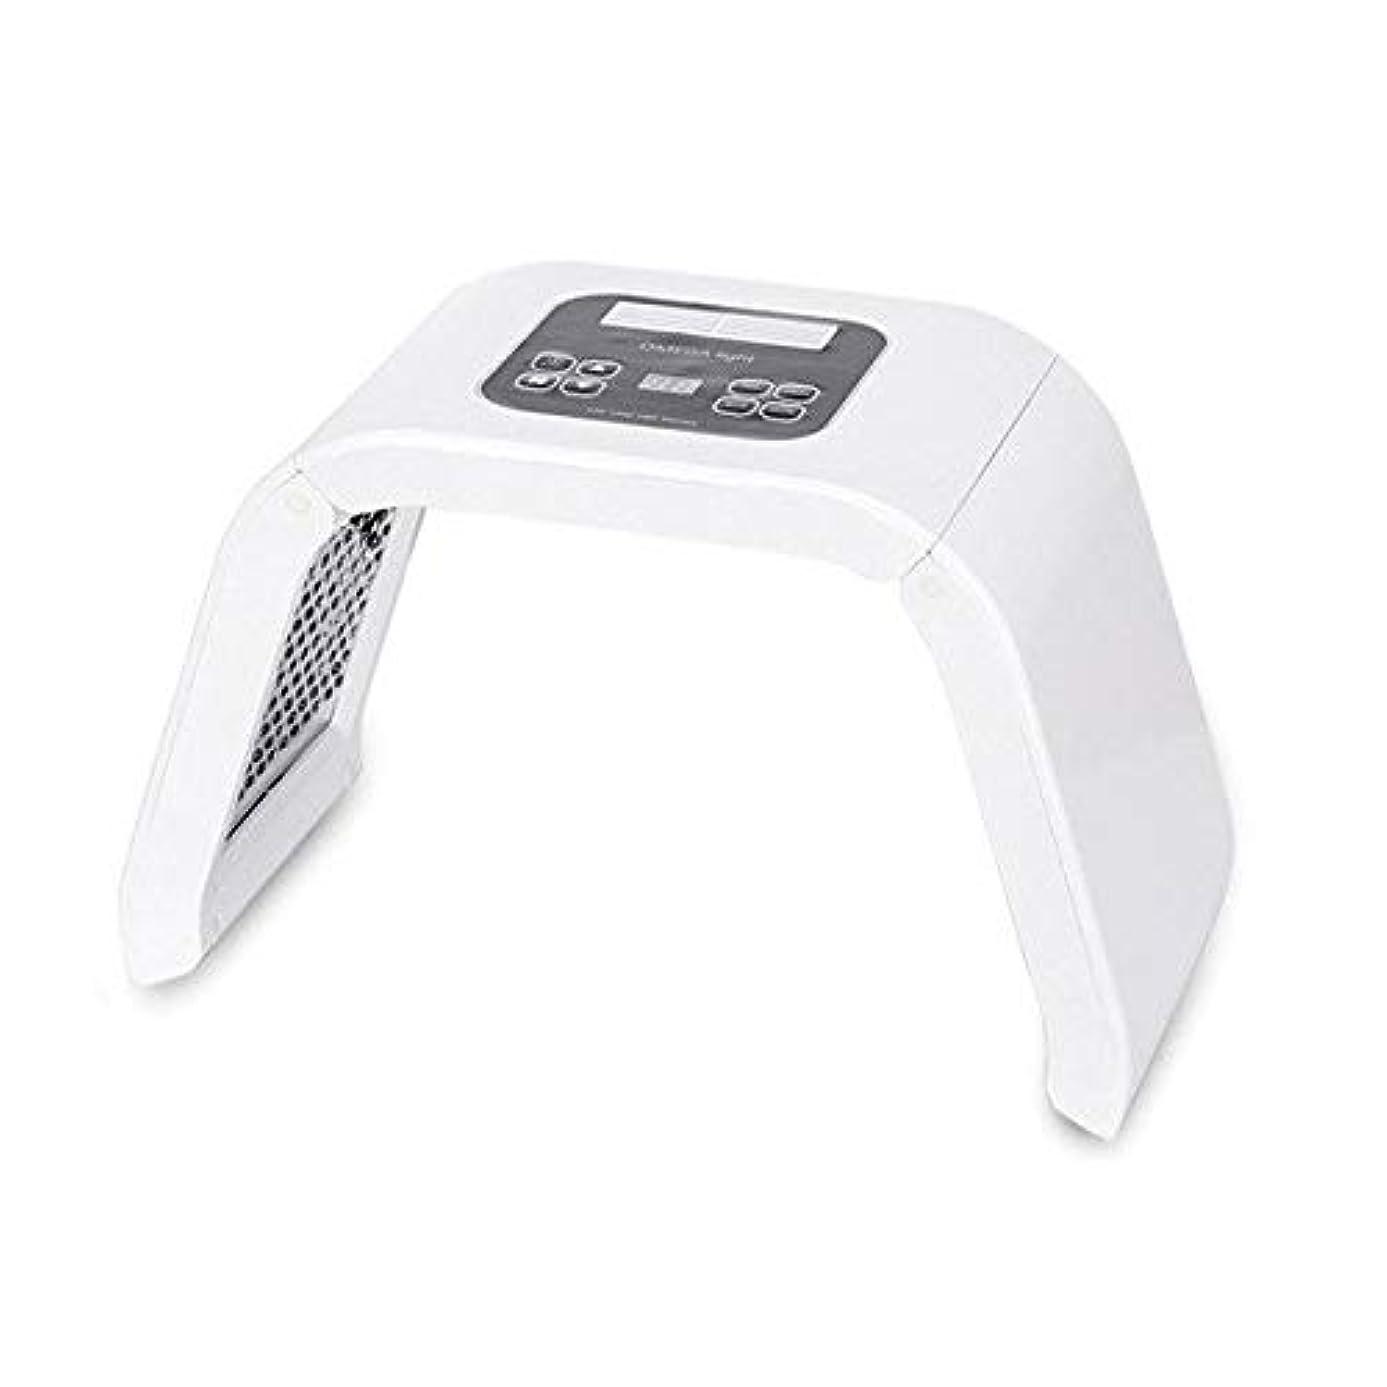 革新比率厳LED美顔器 シワ 業務用 家庭用 7色 10パターン たるみ ほうれい線 美肌 ニキビ対策 コラーゲン生成 美白 エイジングケア